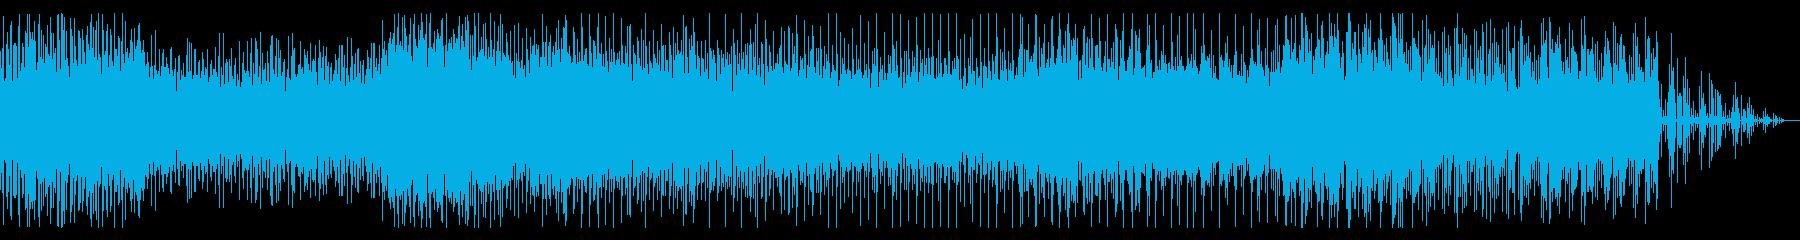 サスペンシブなシネマティックBGMの再生済みの波形